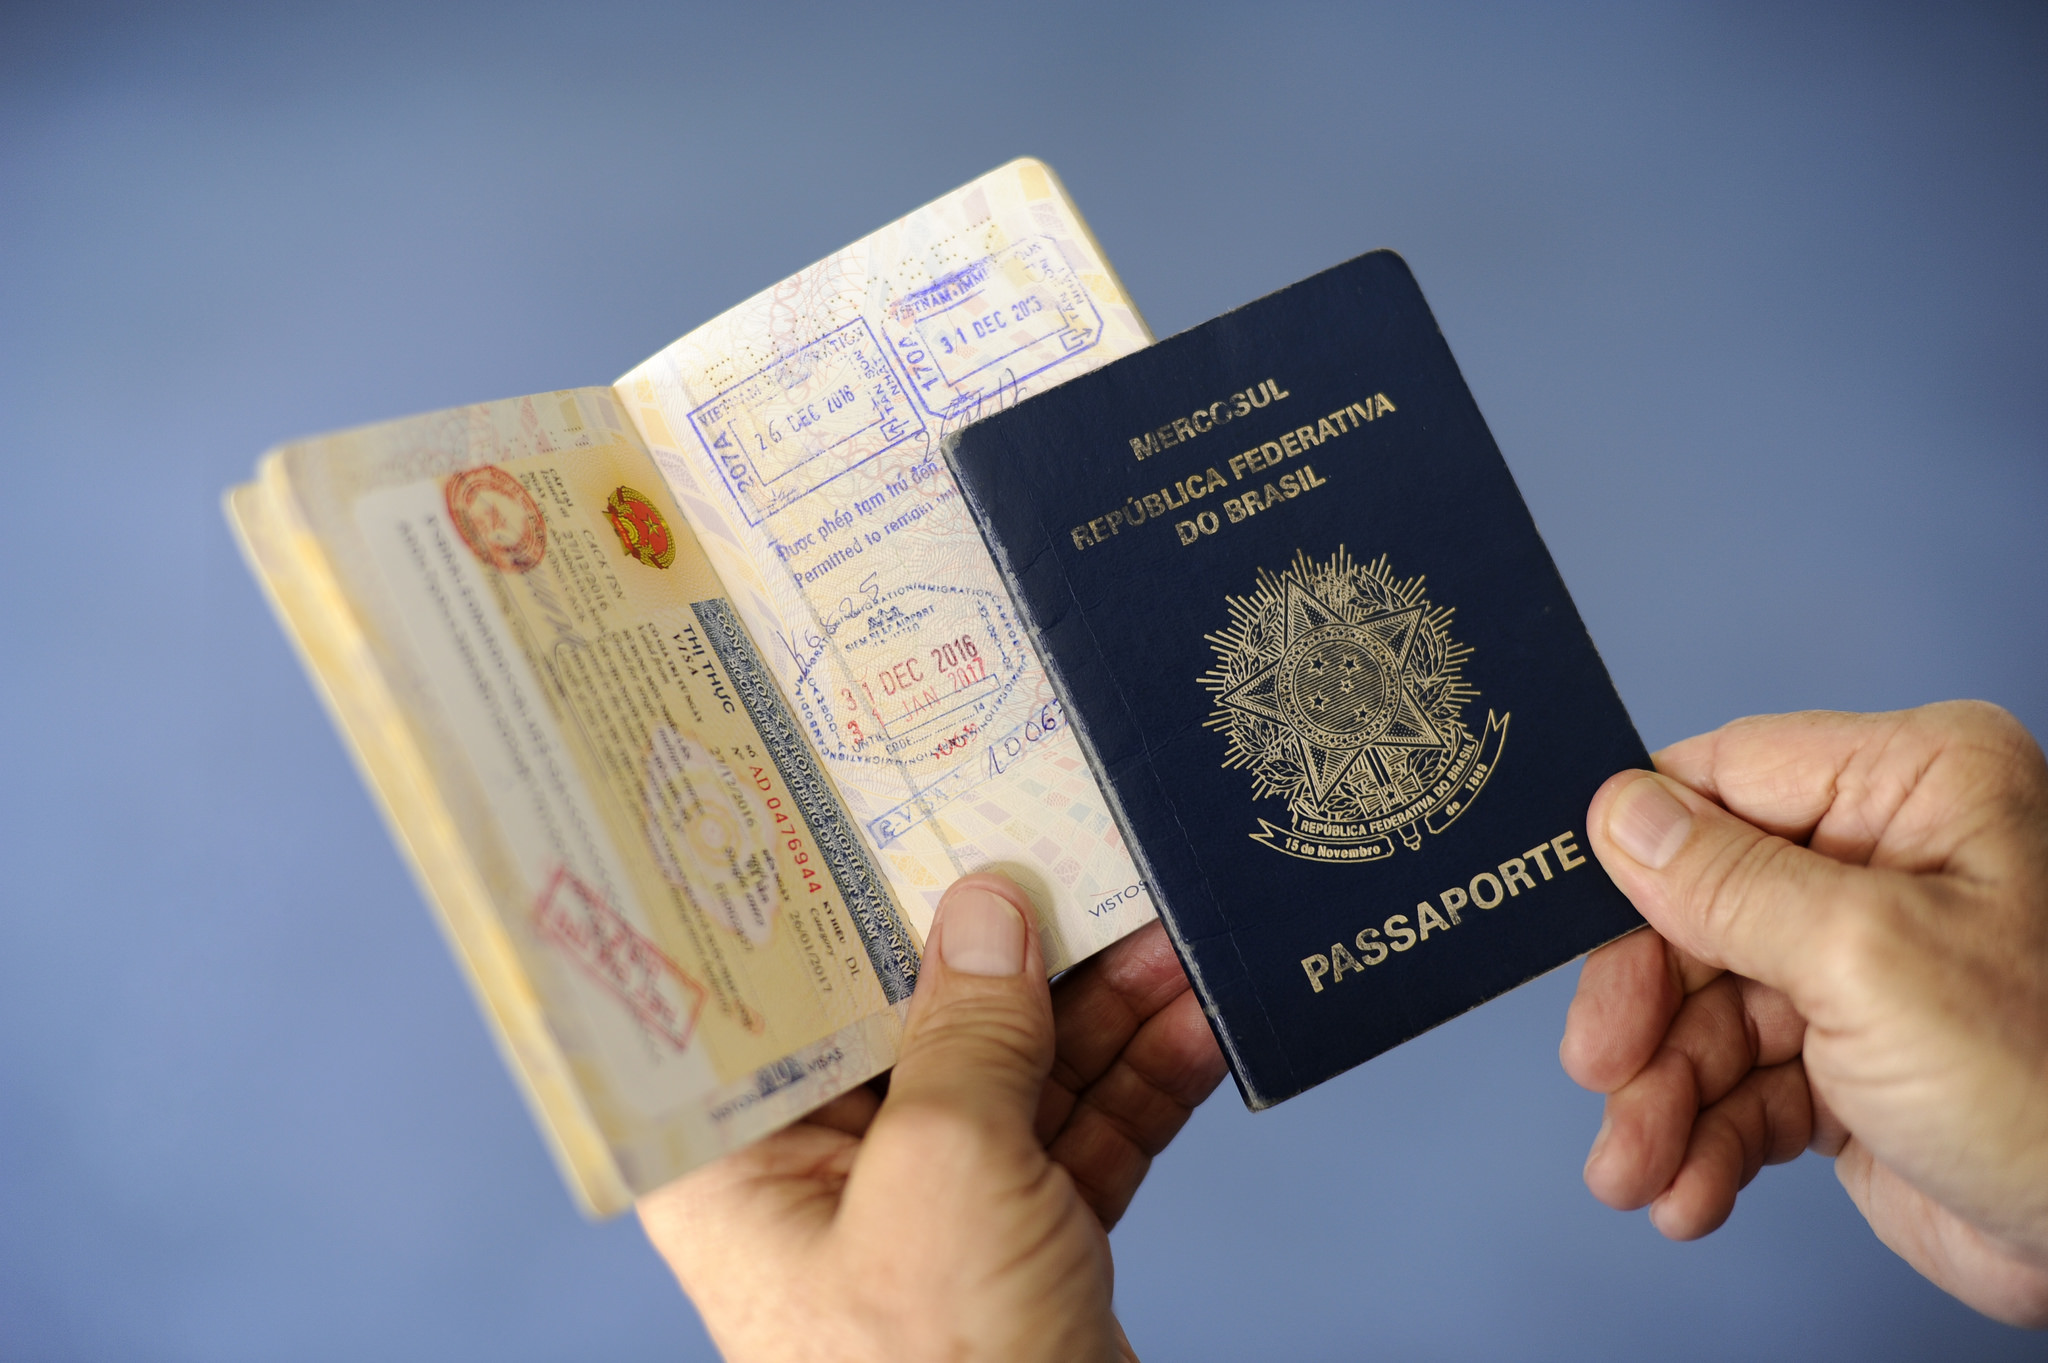 Documentos para alugar um carro naColômbia